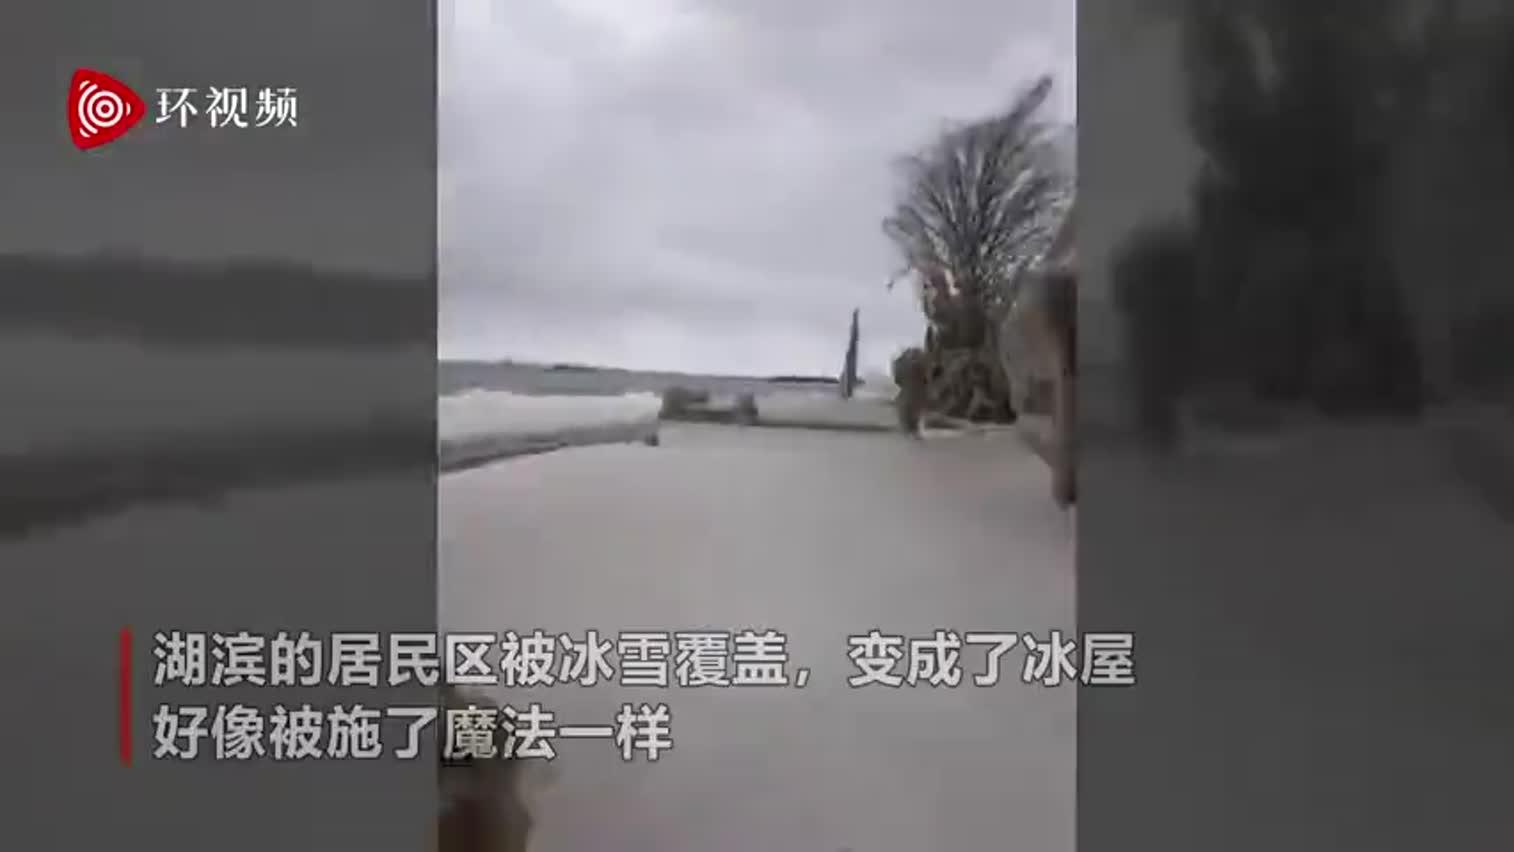 """视频-美国小镇遭暴风雪房屋被冻成""""冰雕"""" 似动画"""